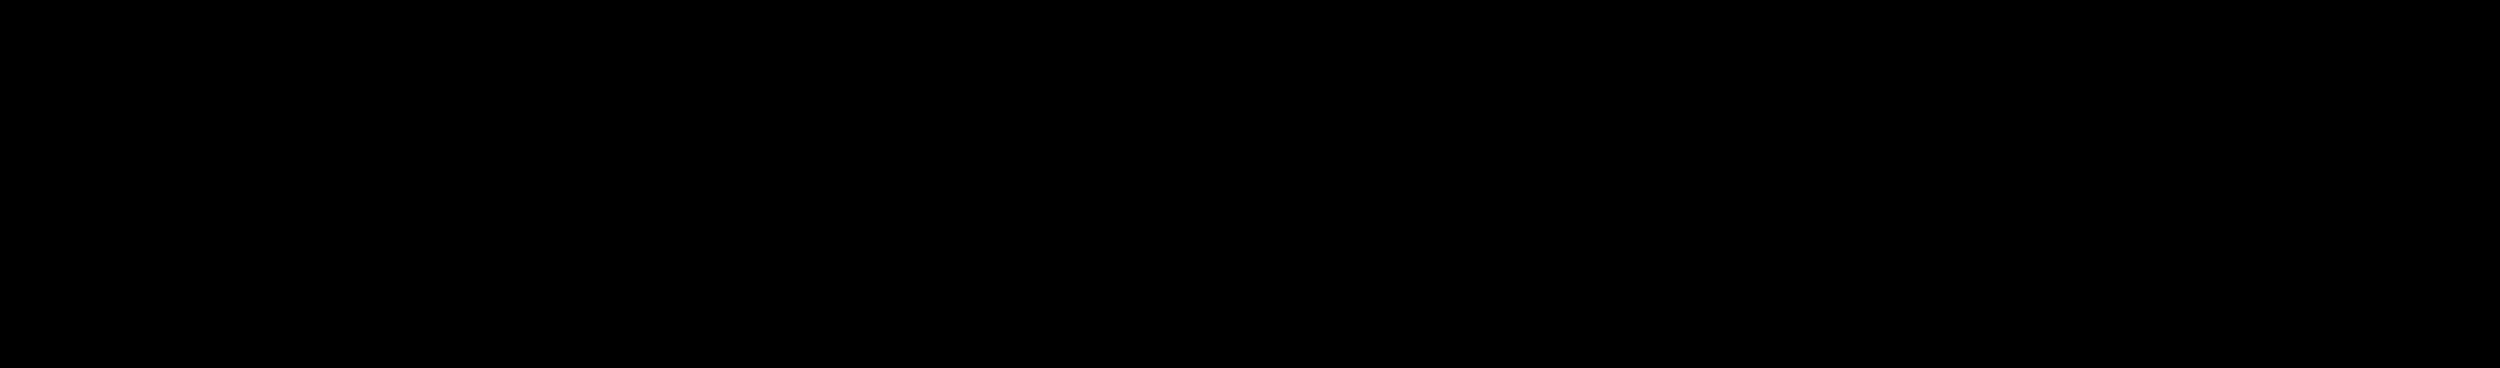 Logo_Hor_1438.png